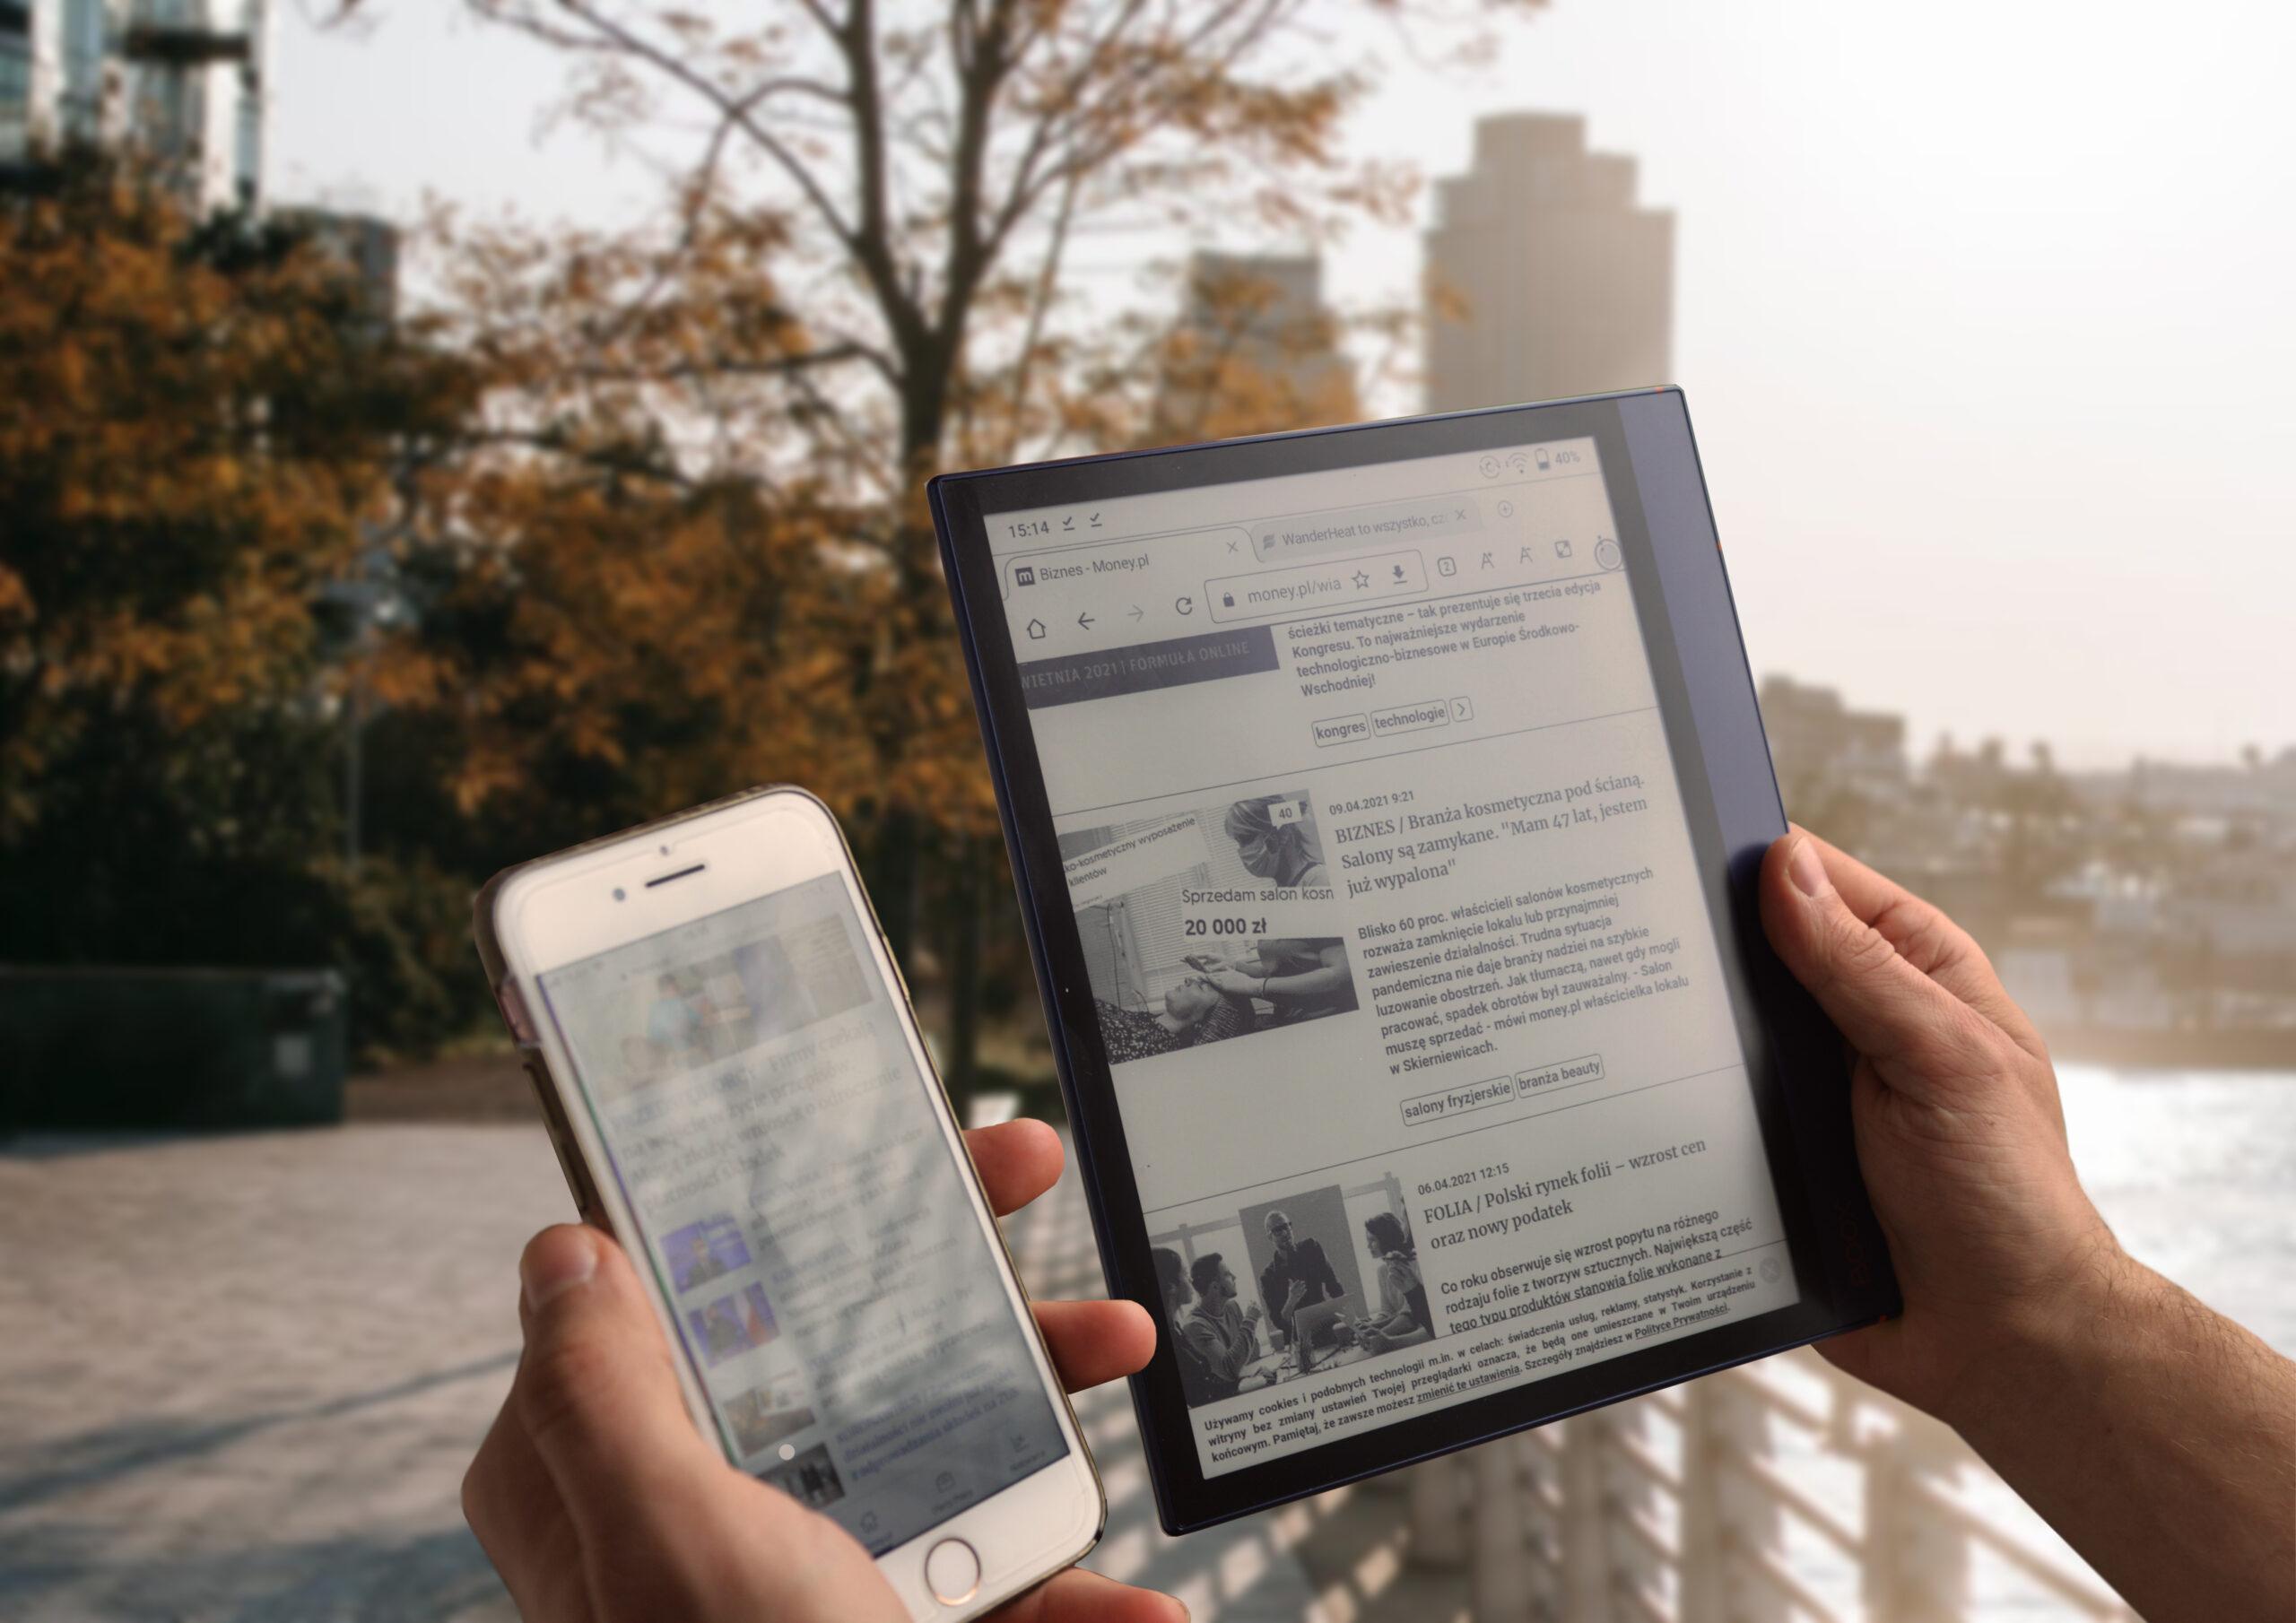 Ekran e-ink nie odbija mocnego światła pozwalając na lekturę w pełnym słońcu